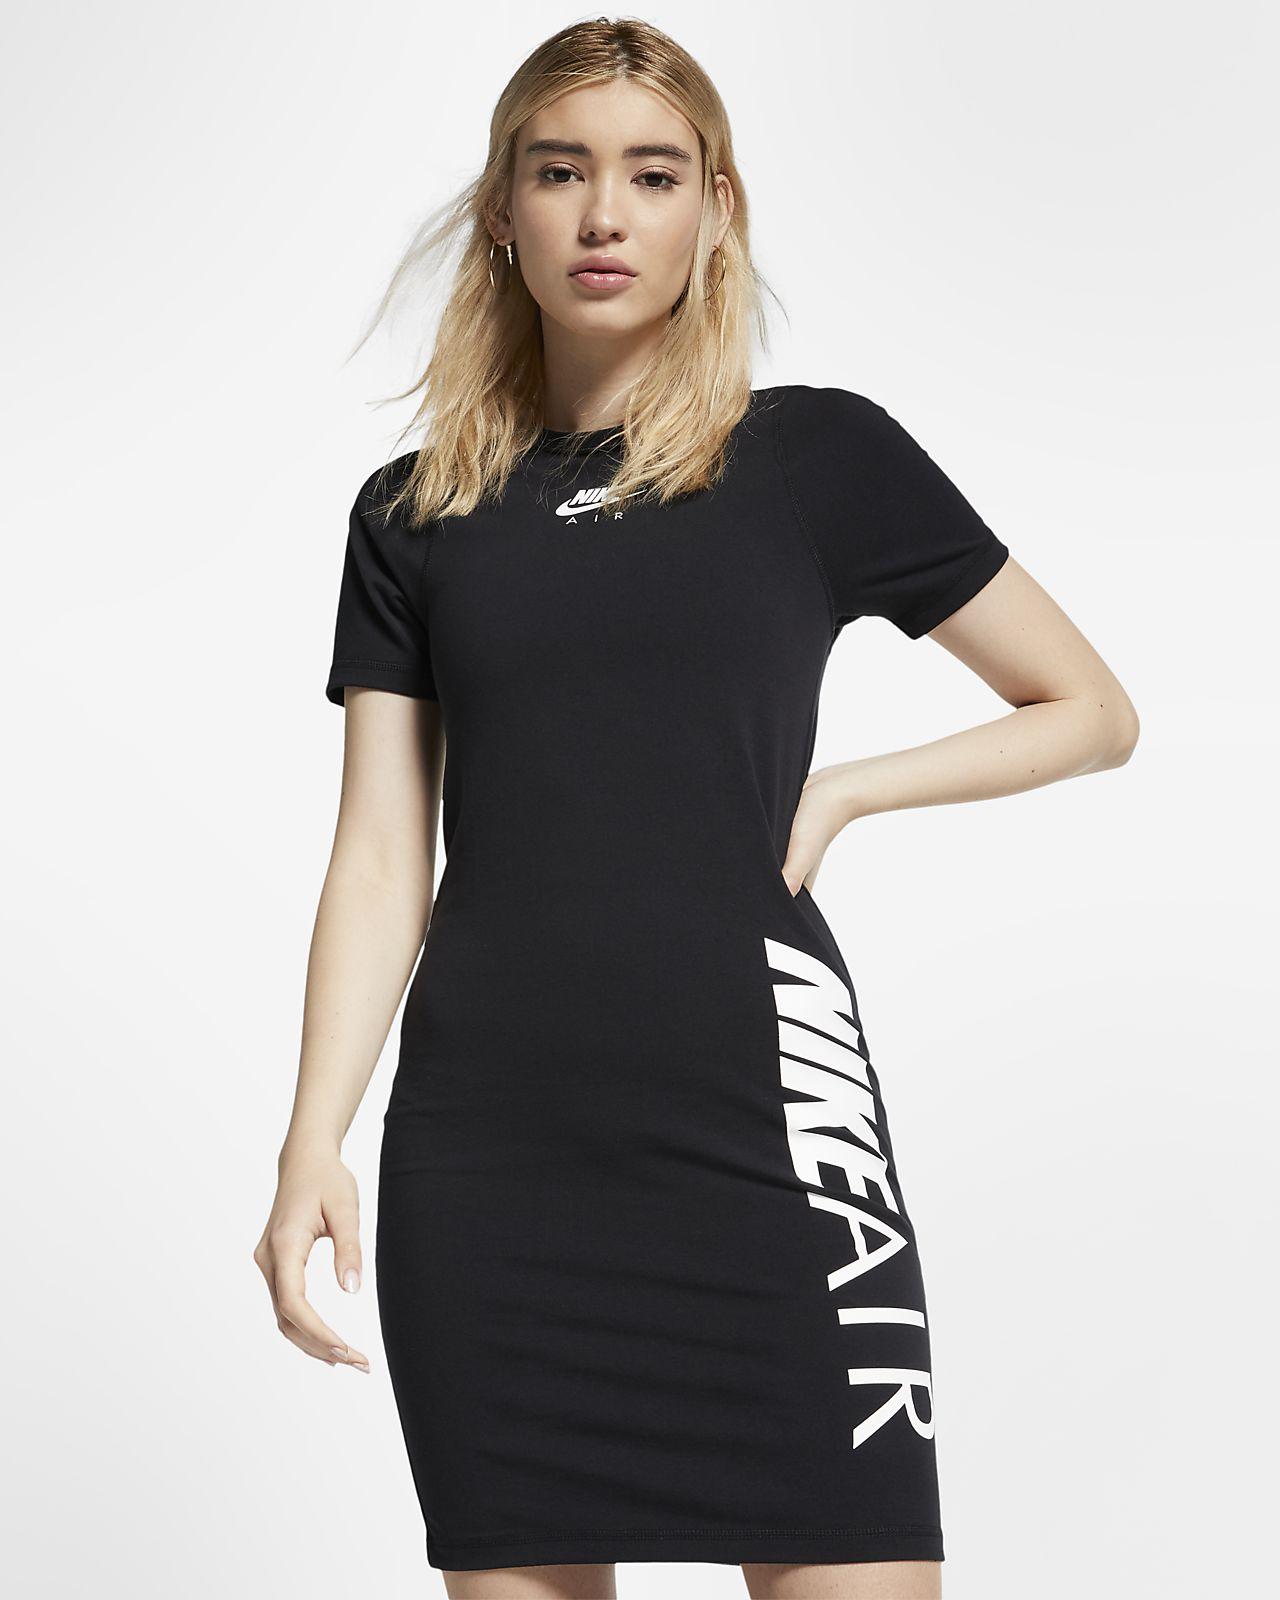 2b30bf4a5e Vestido para mujer Nike Air. Nike.com MX